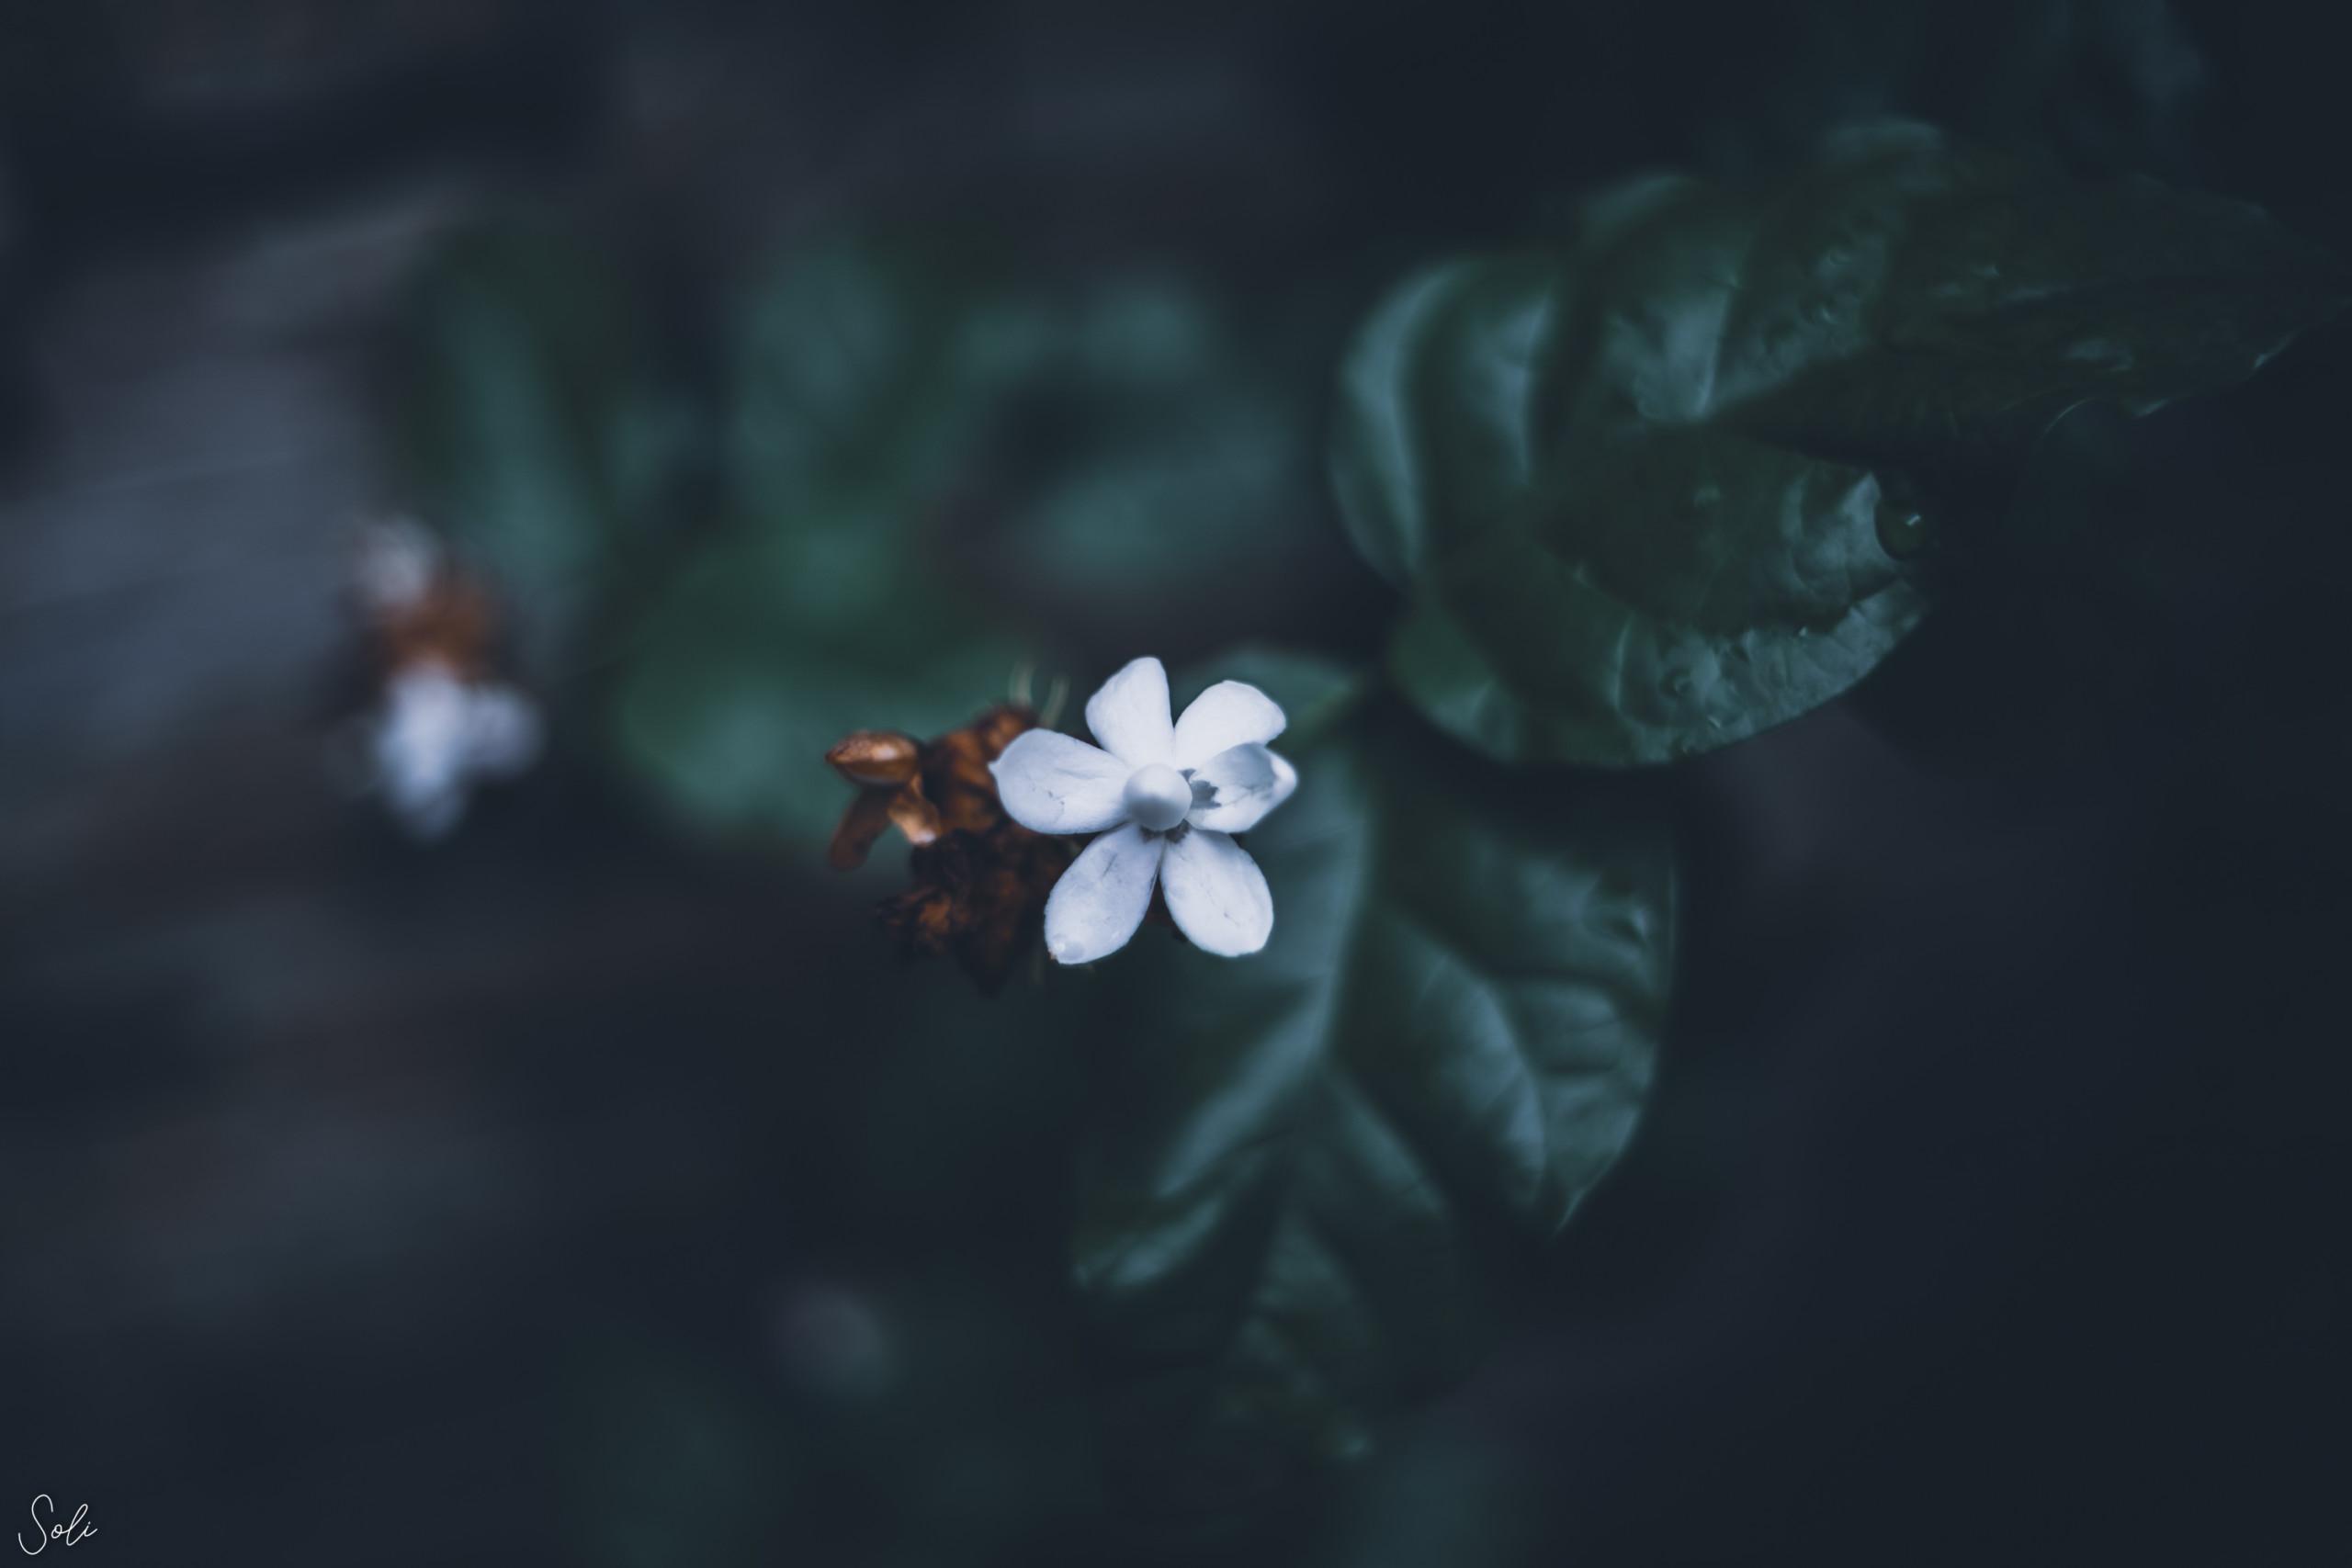 21st - Cool Light Flower